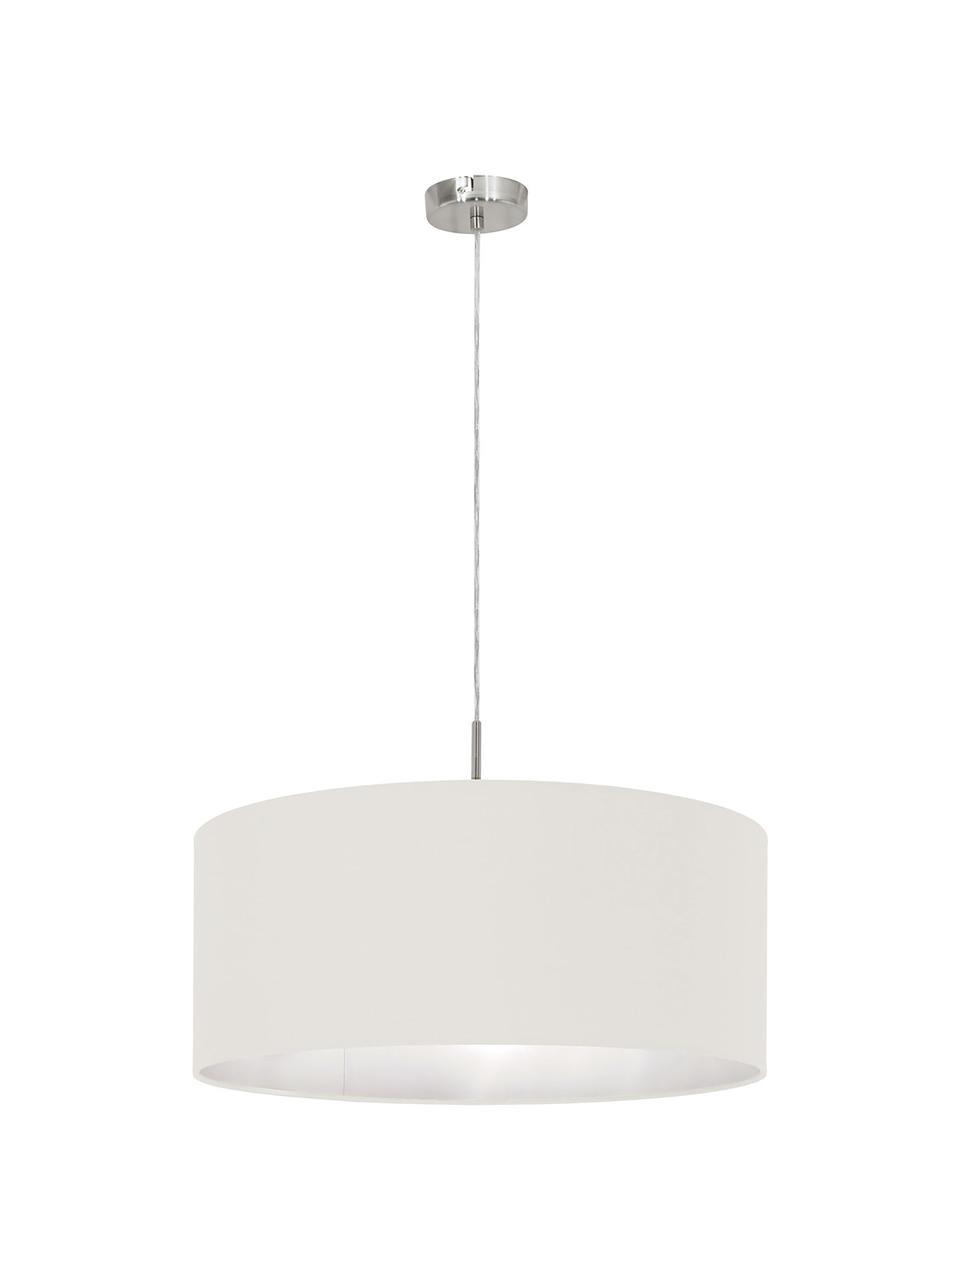 Lampa wisząca Parry, Odcienie srebrnego, kremowobiały, Ø 53 x W 25 cm